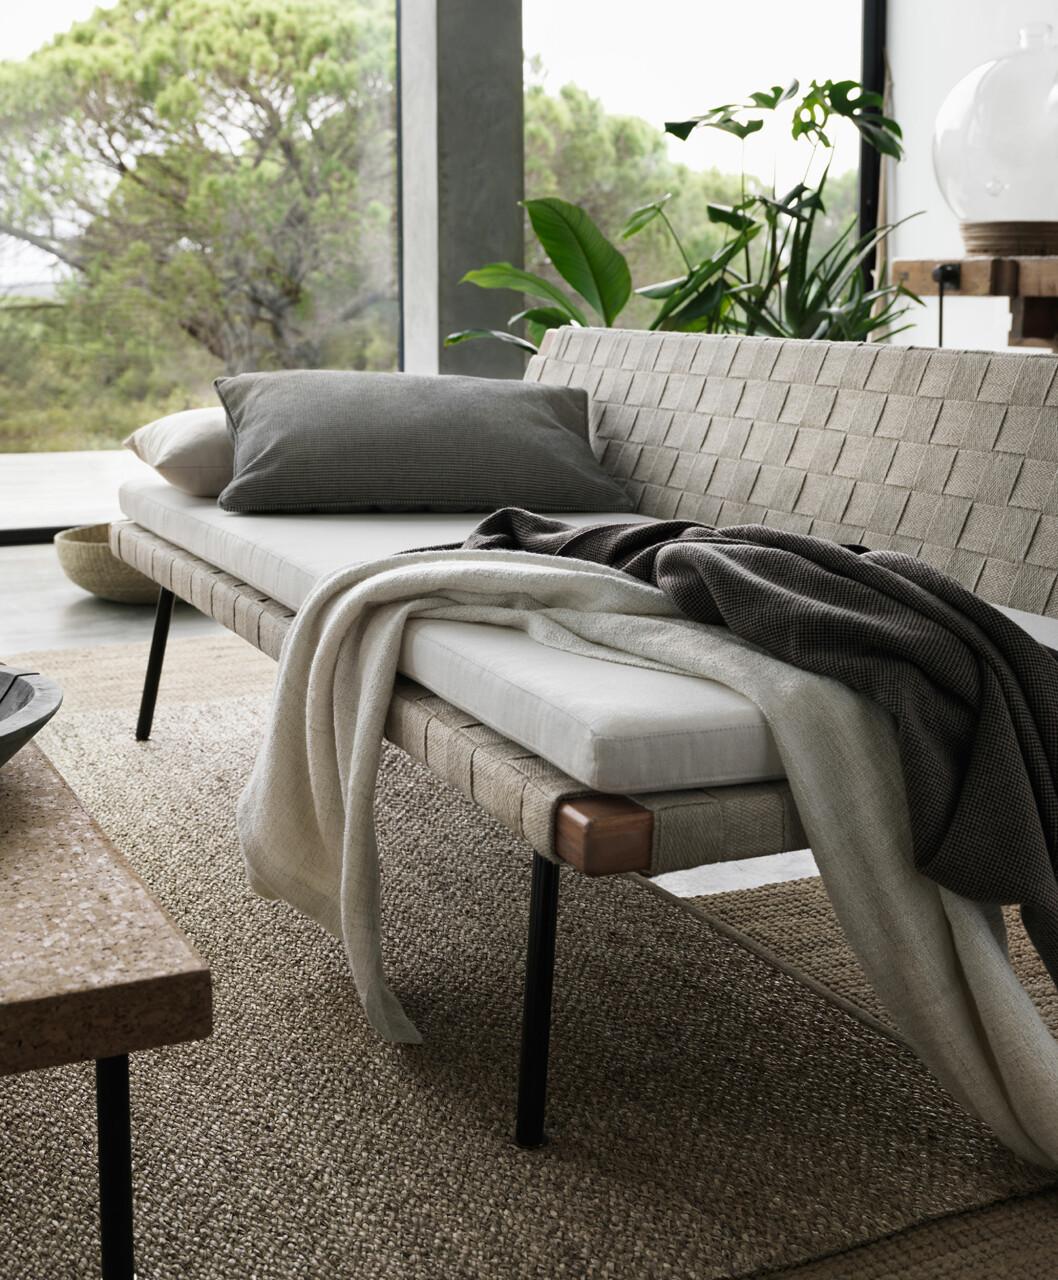 <strong>NATURMATERIALER:</strong> Crawford bruker mye naturmaterialer i sitt design. Bordene har korkplater og stålunderstell med messingdetalj, mens lamper og andre detaljer er i for eksempel bast.  Foto: IKEA